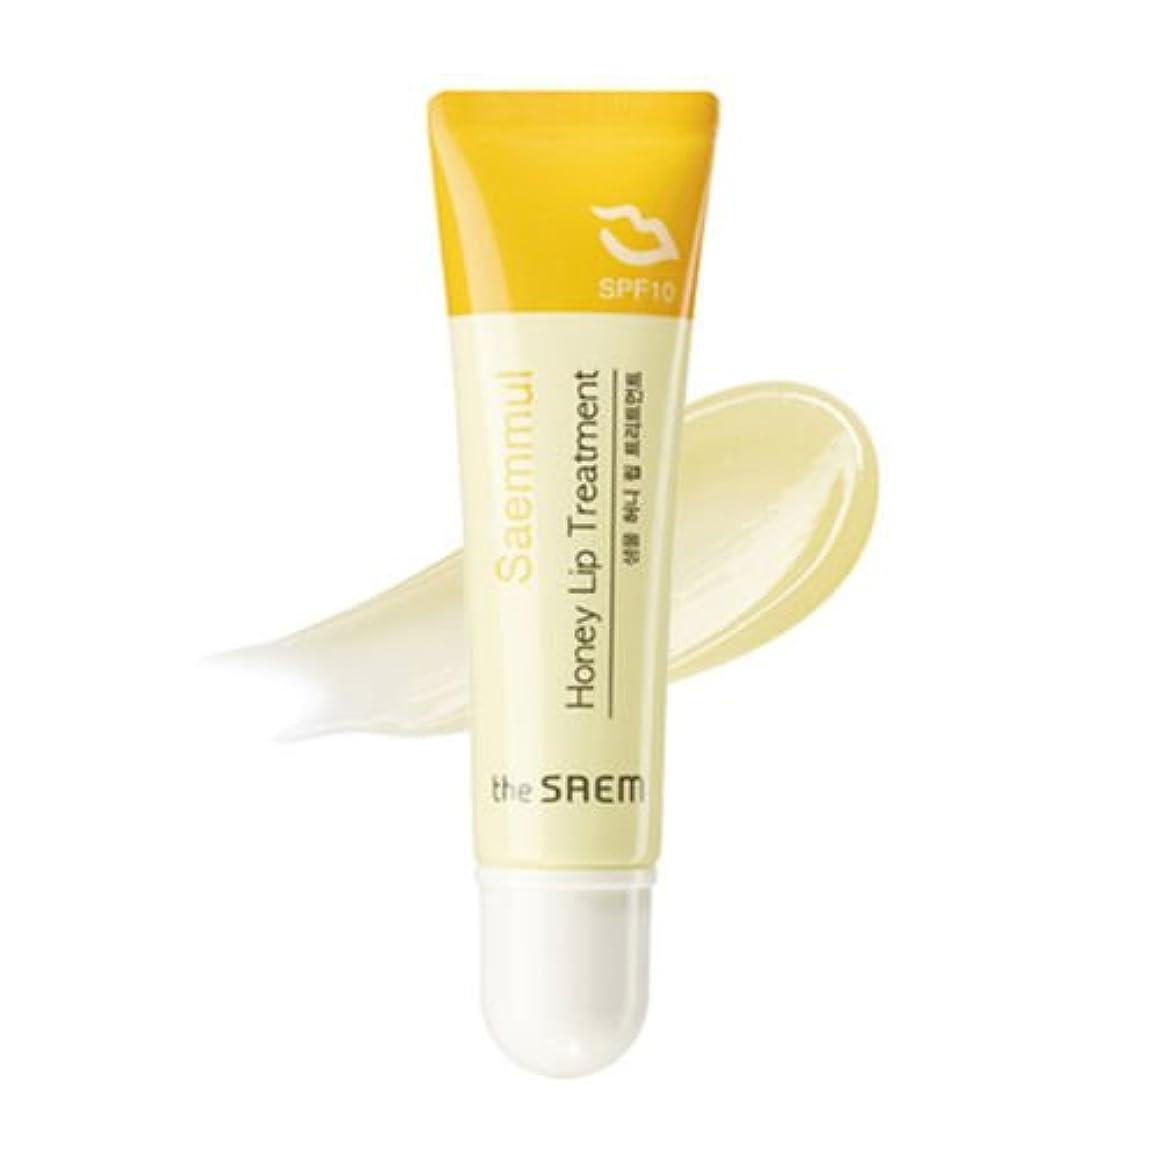 複製するサーカス大きさthe SAEM ザセム セムムル ハニー リップ トリートメント Saemmul Honey Lip Treatment 10ml 韓国コスメ